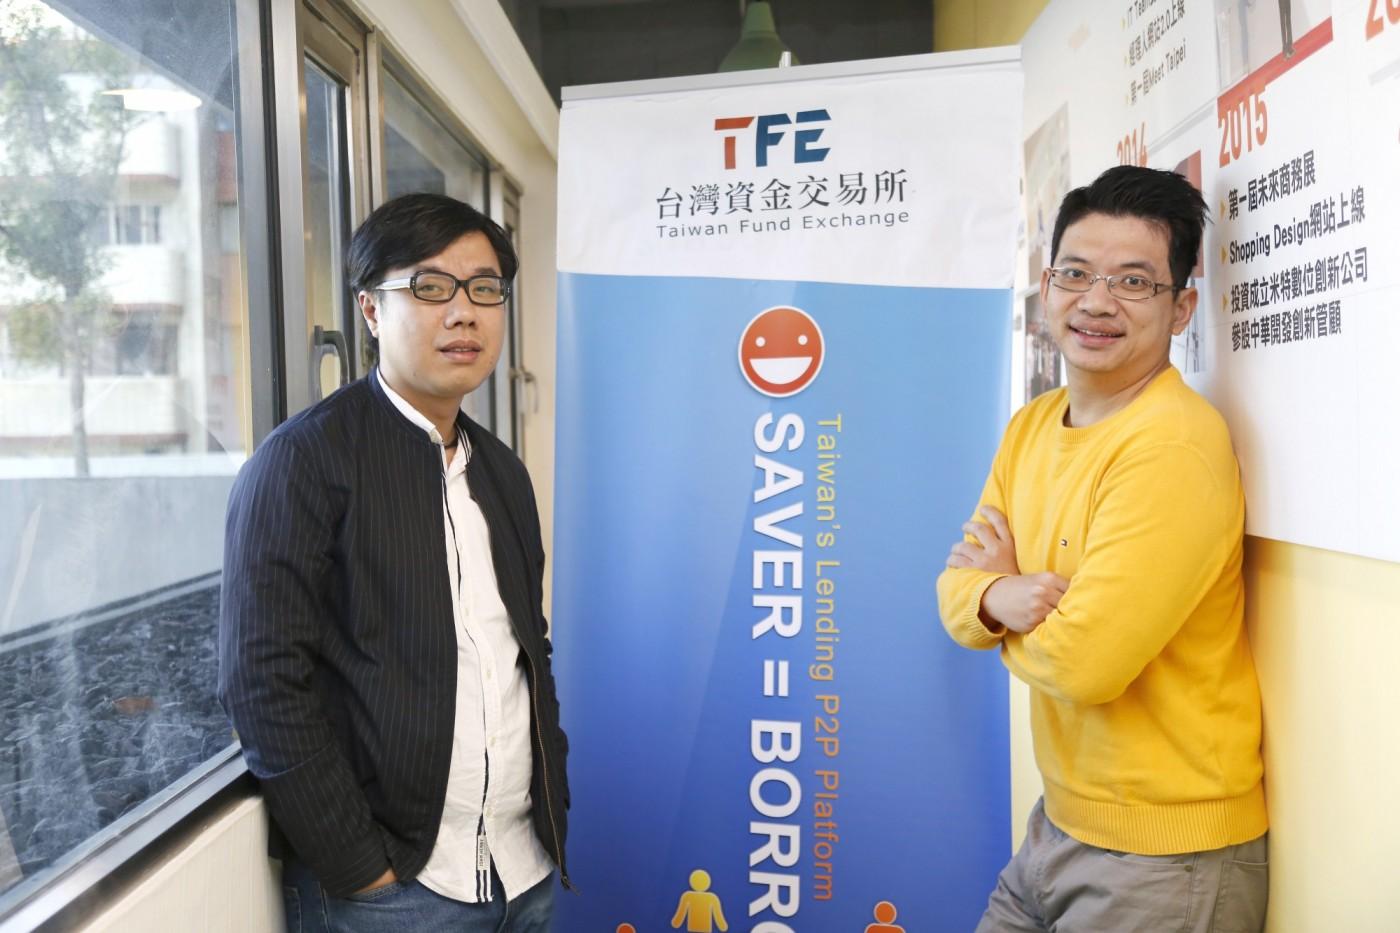 子承父志的「台灣資金交易所」,如何翻新「標會」這個古老的P2P借貸產品?